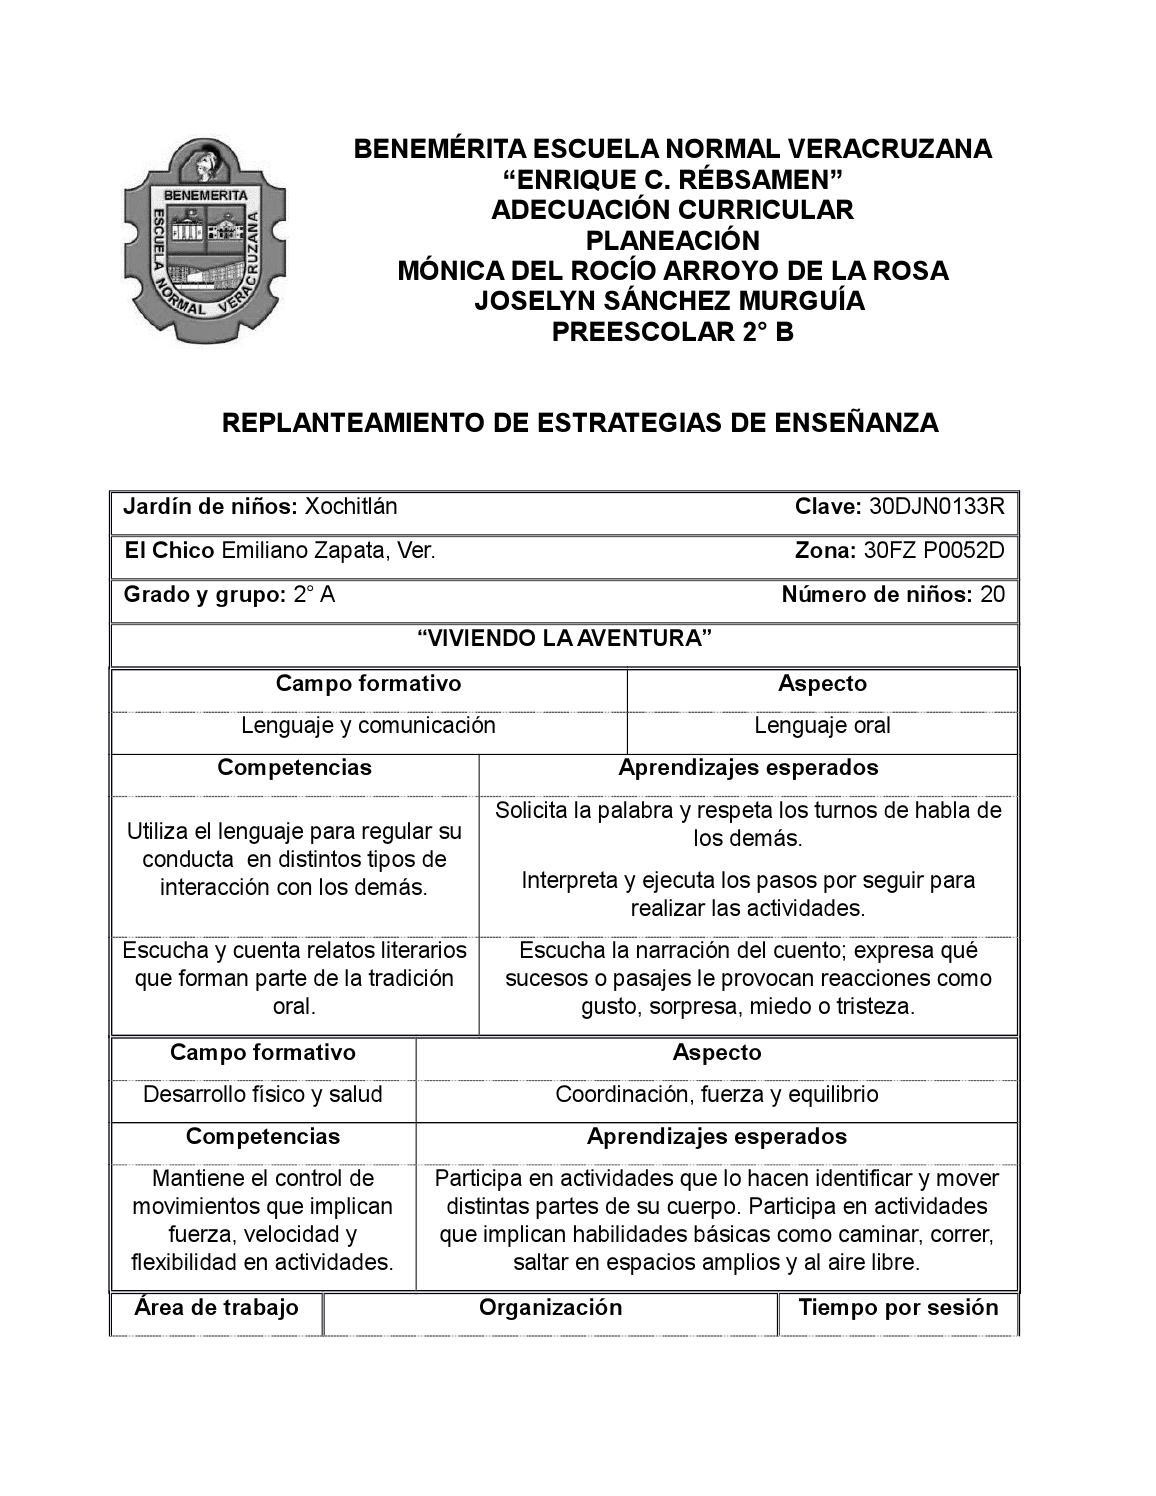 041ea35c85 Planeación replanteada con estrategias de enseñanza desarrollo del  pensamiento y lenguaje en la infa by Joselyn137 - issuu